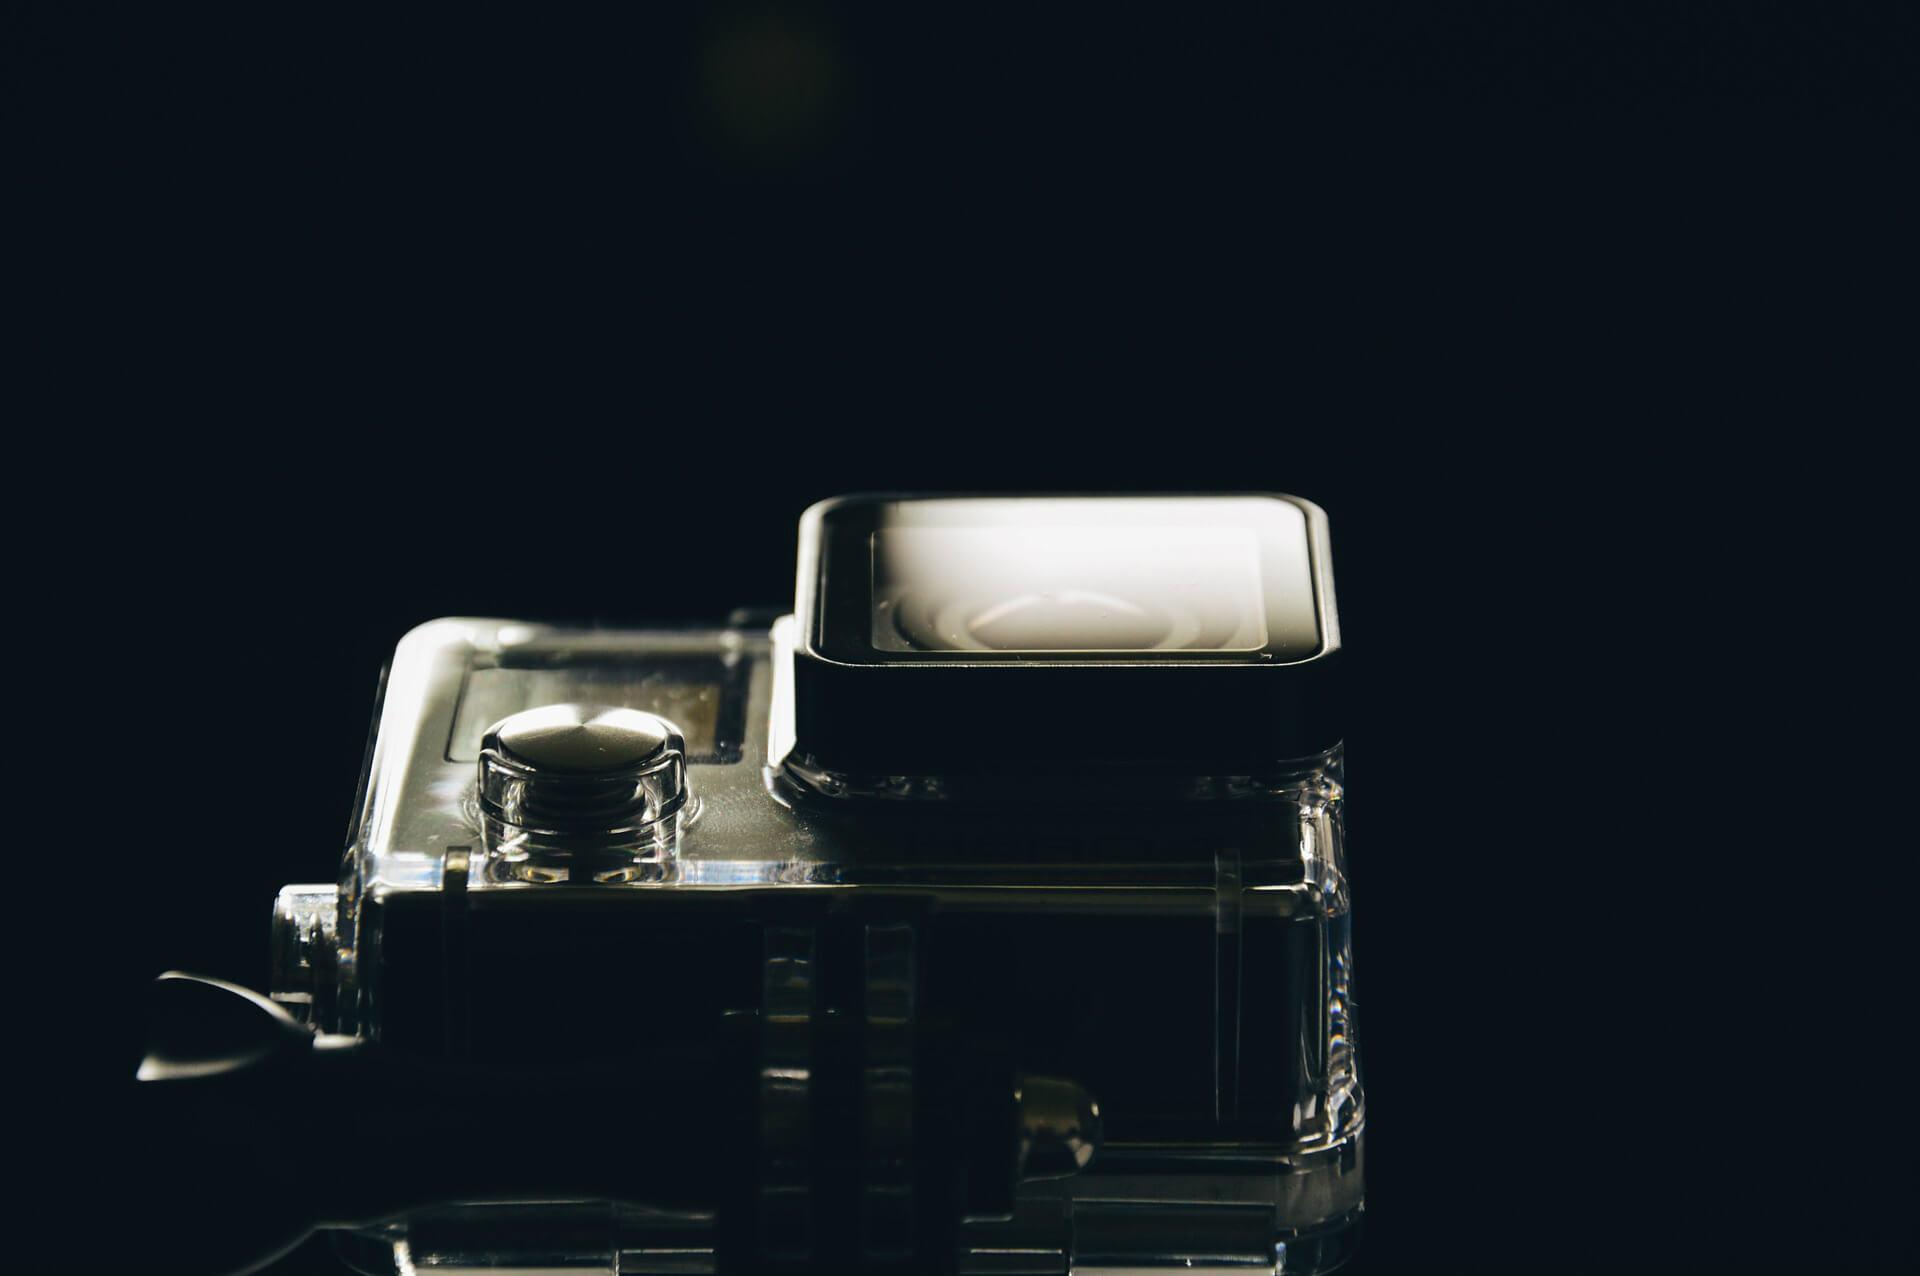 3 מצלמות אקסטרים מומלצות מאלי אקספרס במחיר ששווה לכל כיס